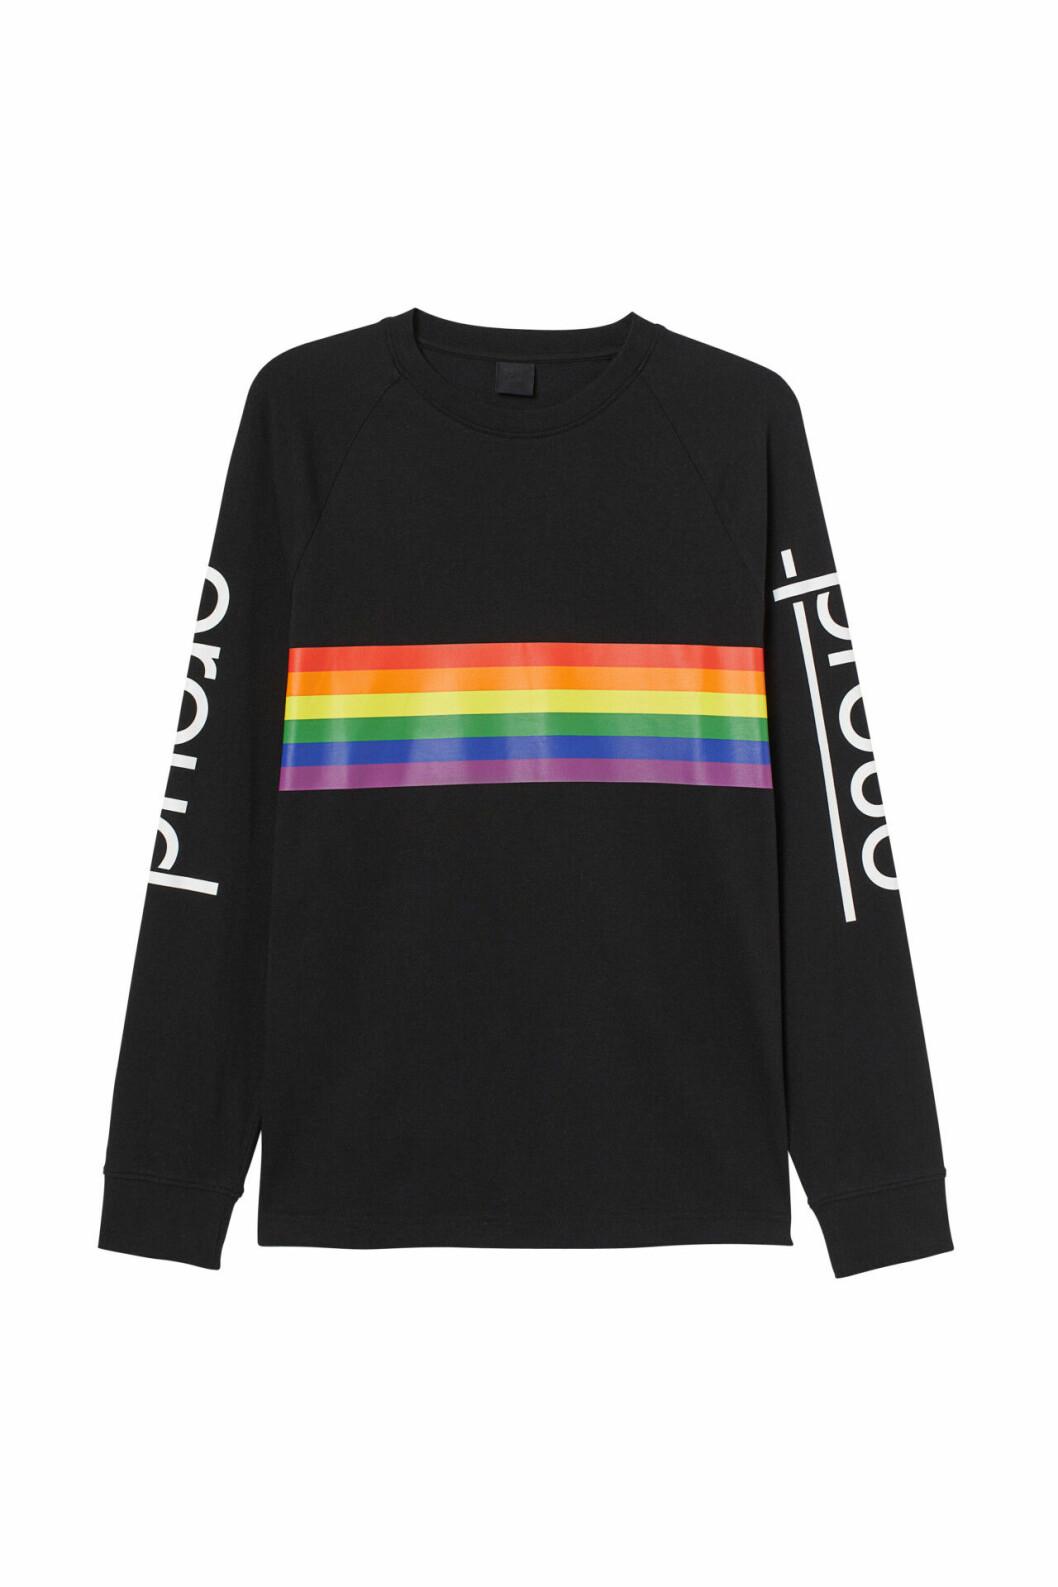 H&M släpper Pridekollektion för 2019 – svart sweatshirt